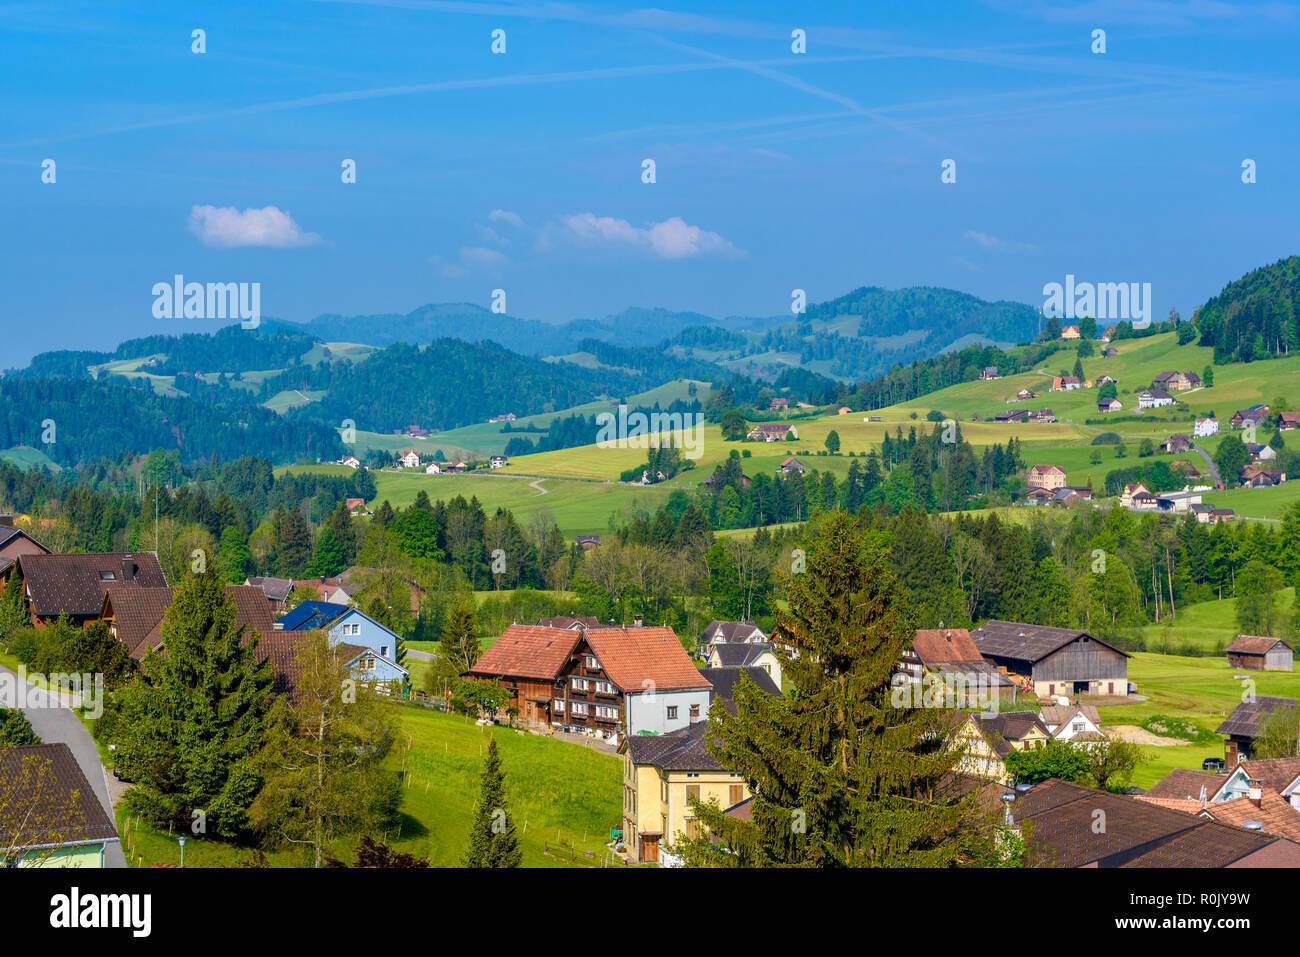 Dorf Schoenengrund, Hinterland Appenzell Ausserrhoden Schweiz Stockbild